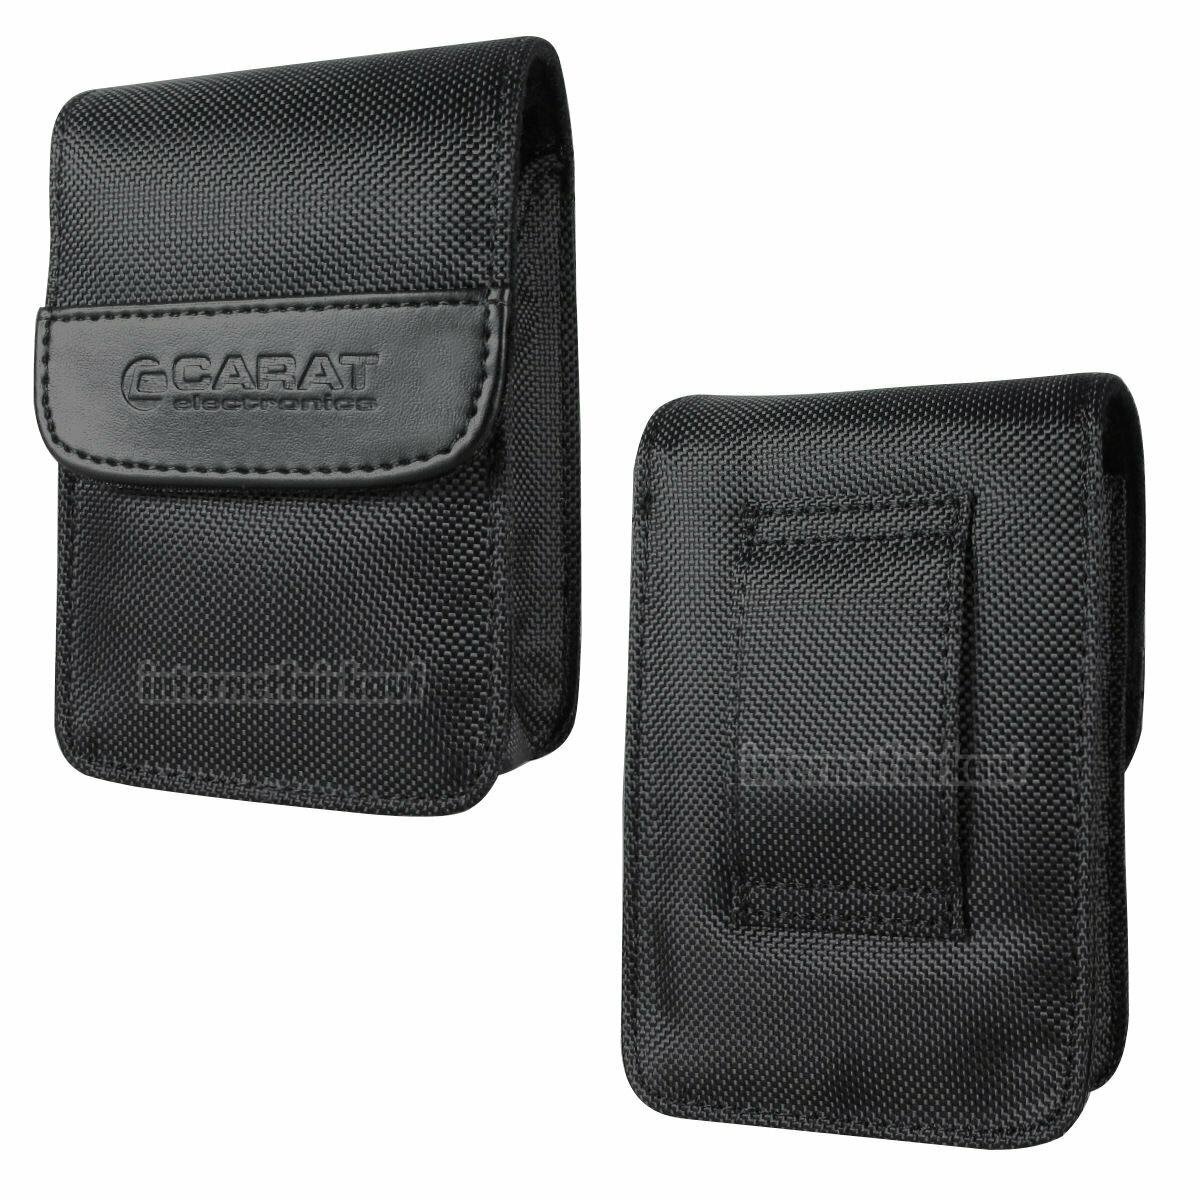 Gürteltasche passend für Sony DSC-RX100 I II - Etui Kameratasche